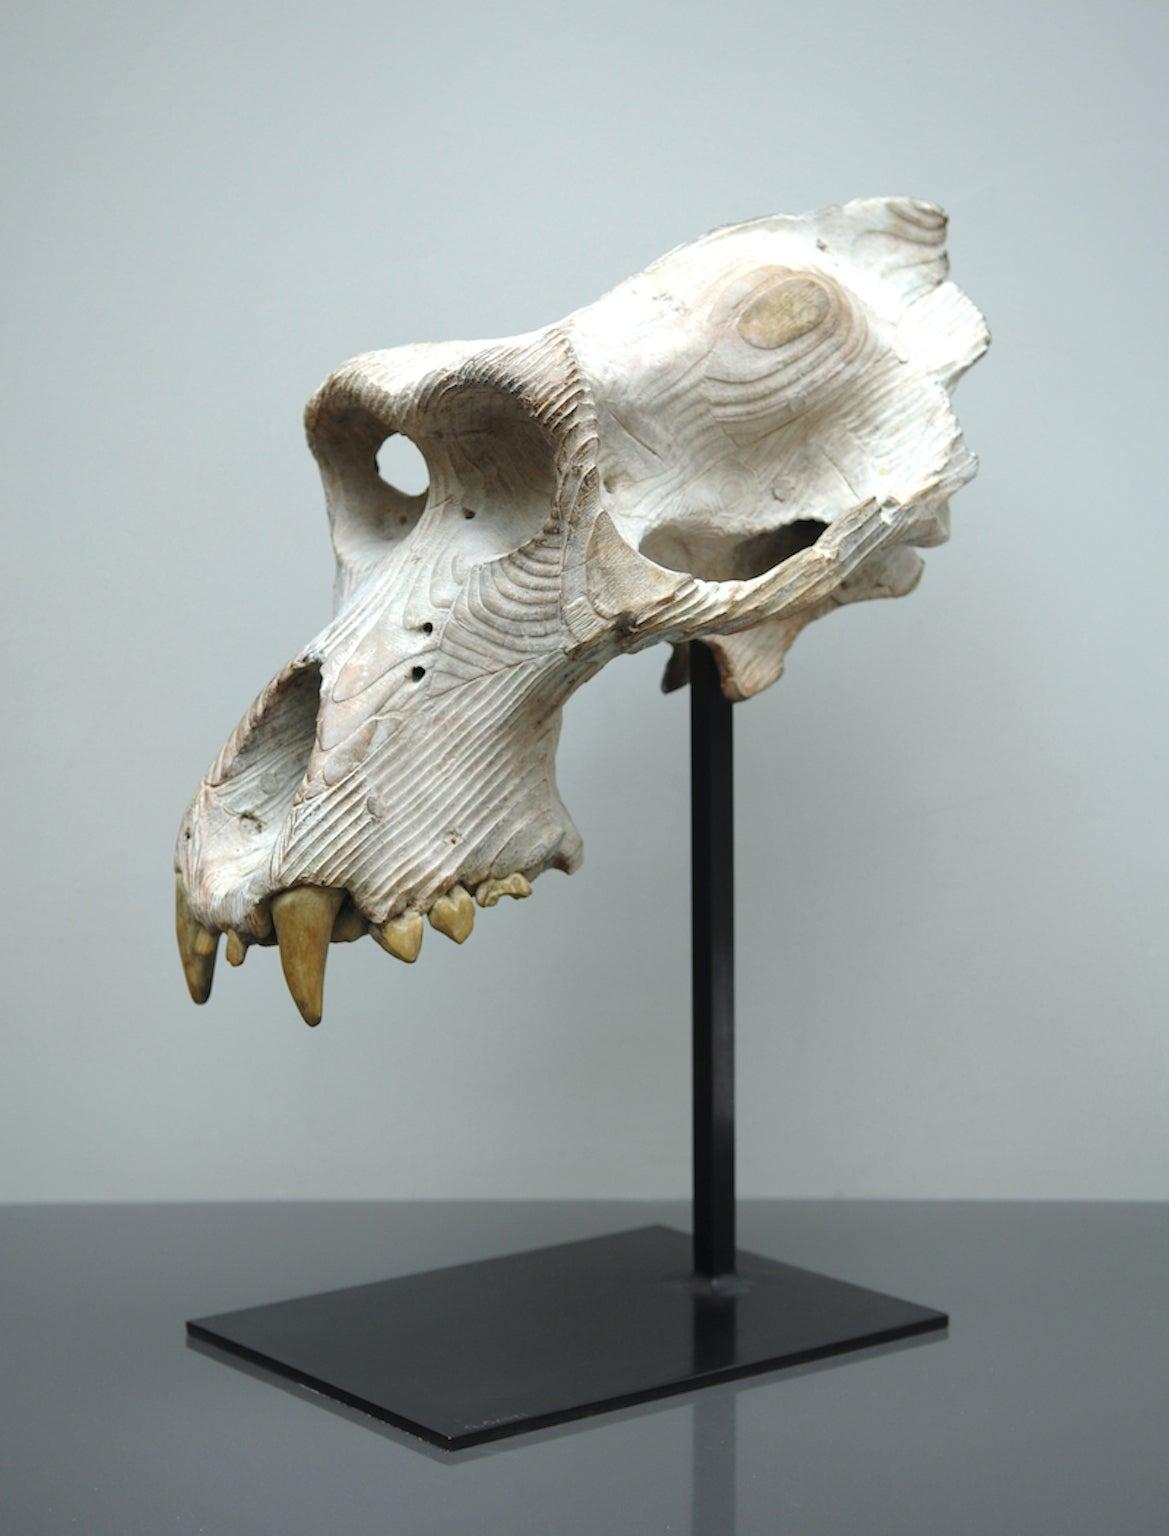 Skull of gorilla